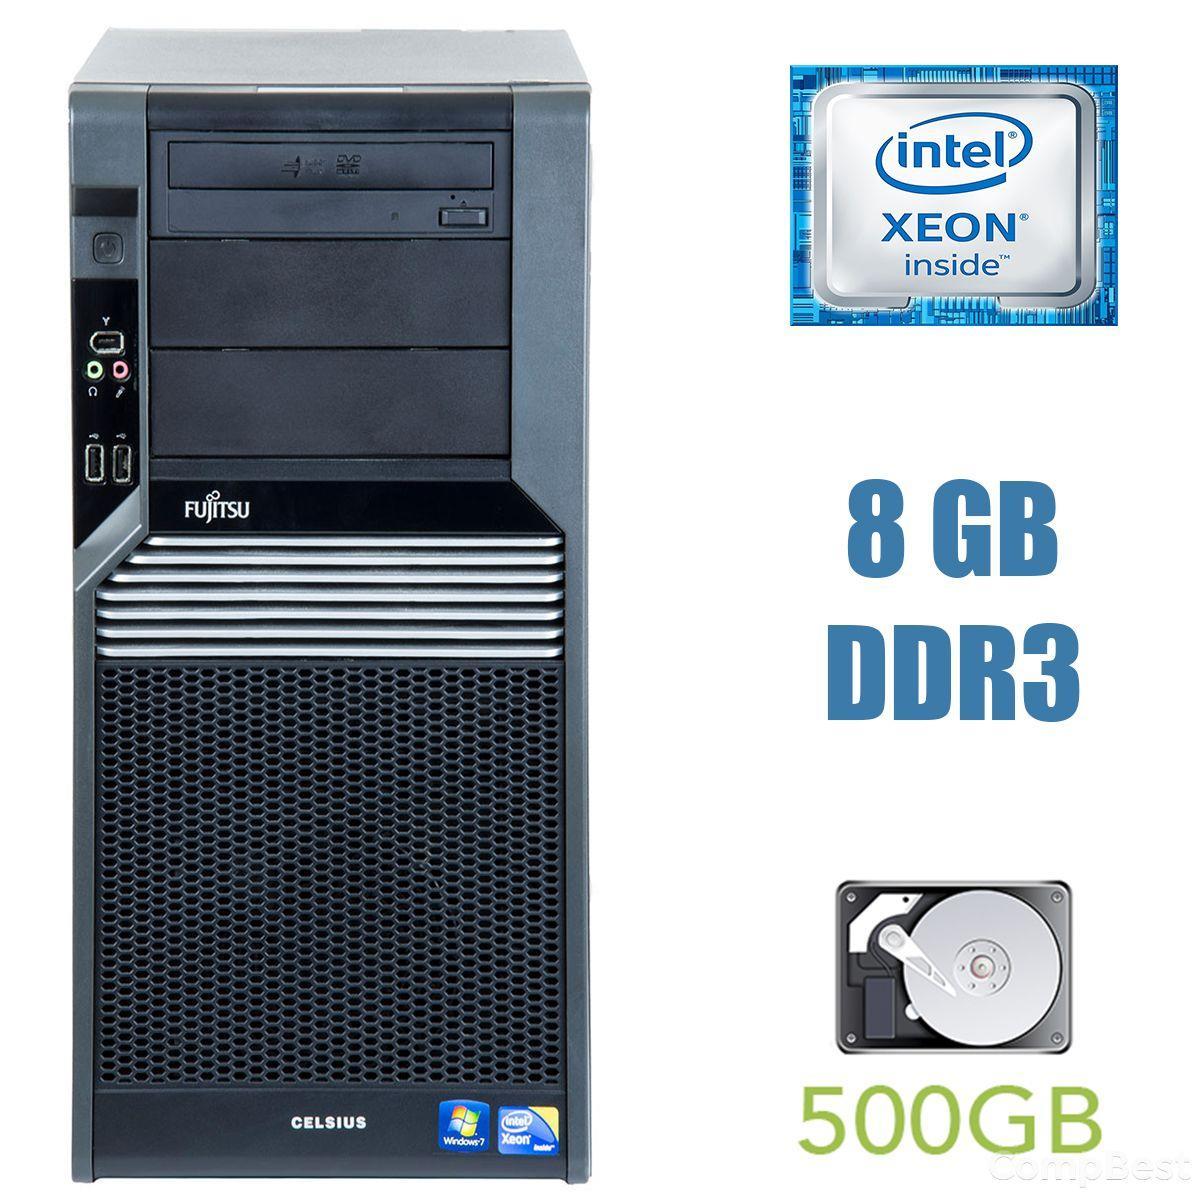 Fujitsu Celsius M470 MT / Intel Xeon W3520 (4 (8) ядра по 2.66-2.93 GHz) / 24 GB DDR3 / 512 GB SSD